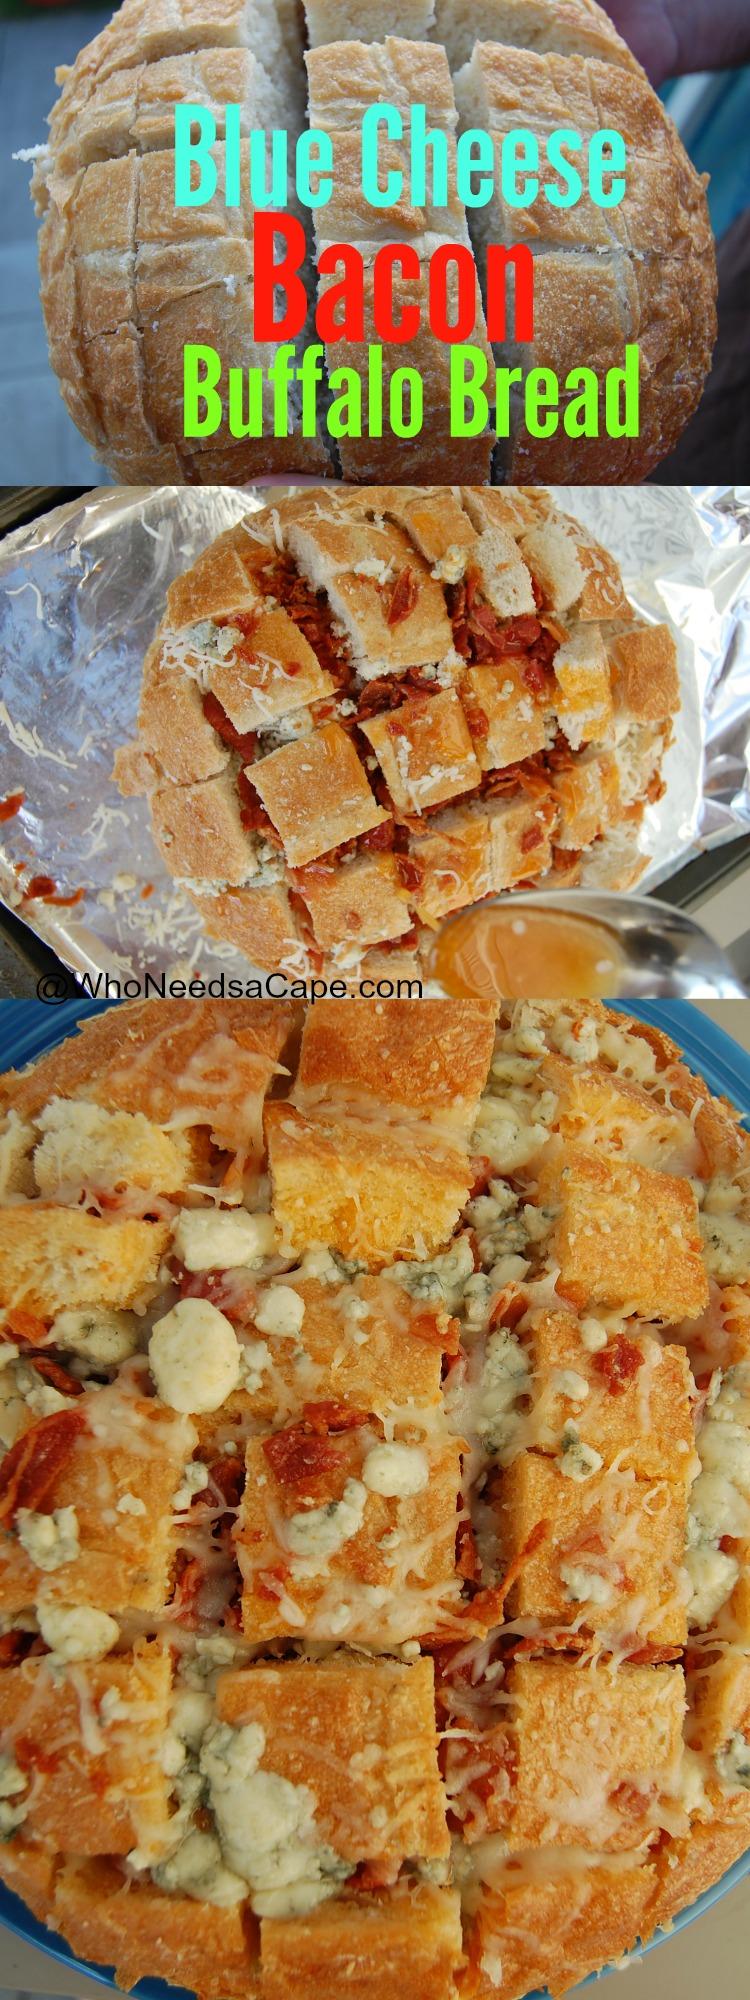 Blue Cheese Bacon Buffalo Bread 3